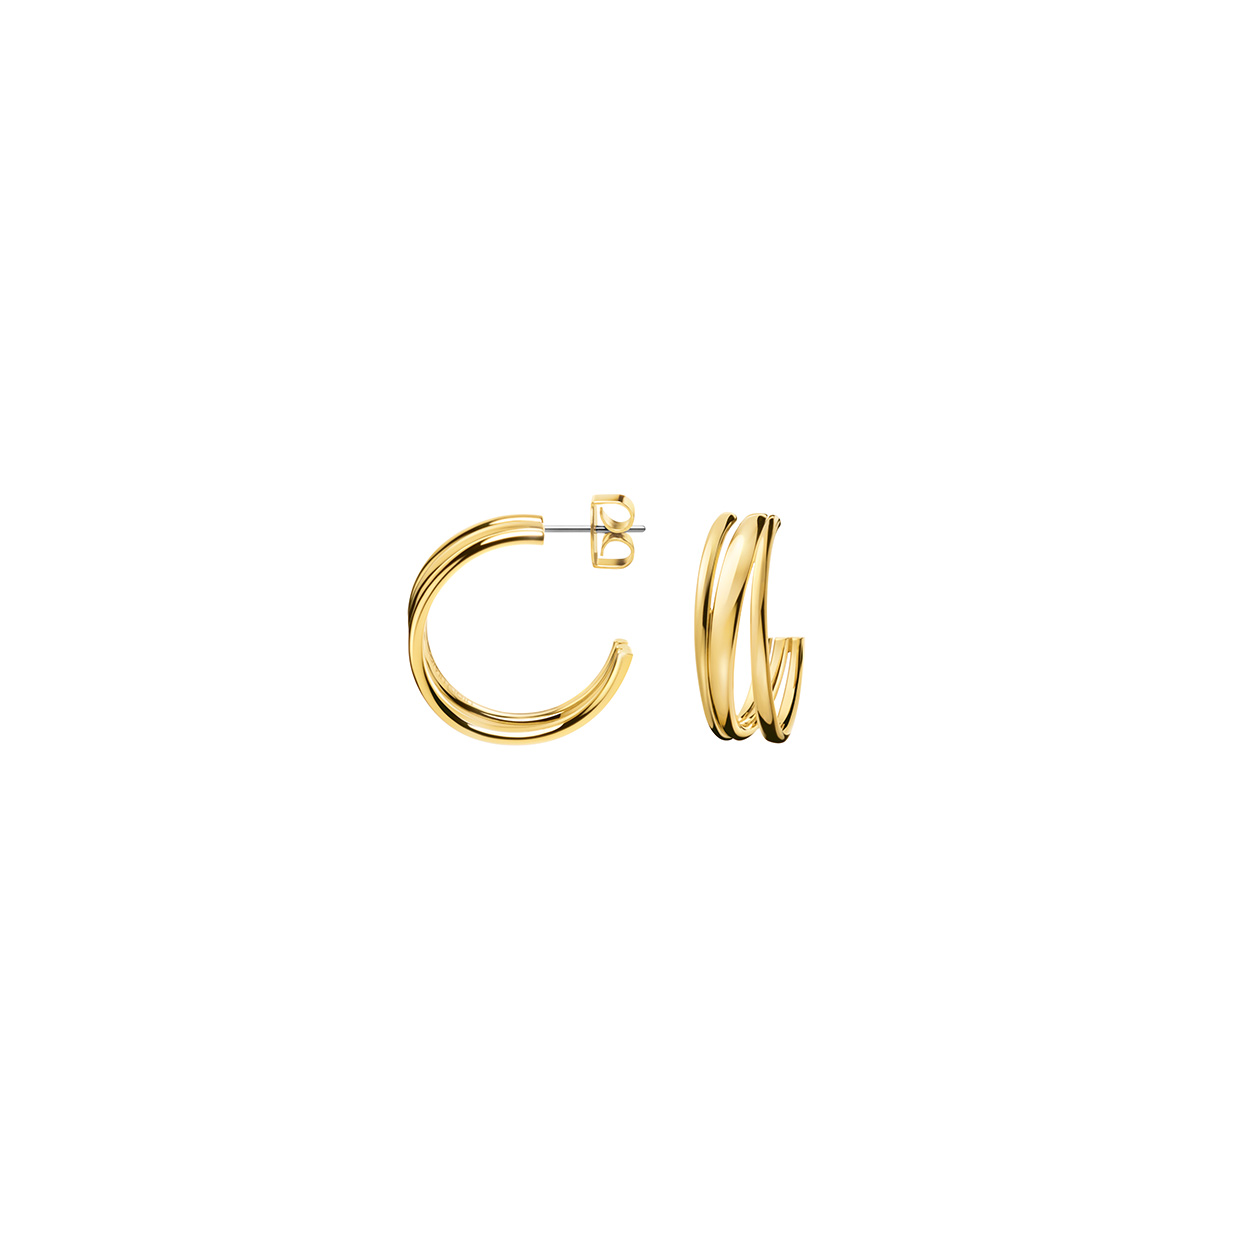 e342f32e4 Calvin Klein - Gold Plated Sumptuous Earrings - FJ Zelley